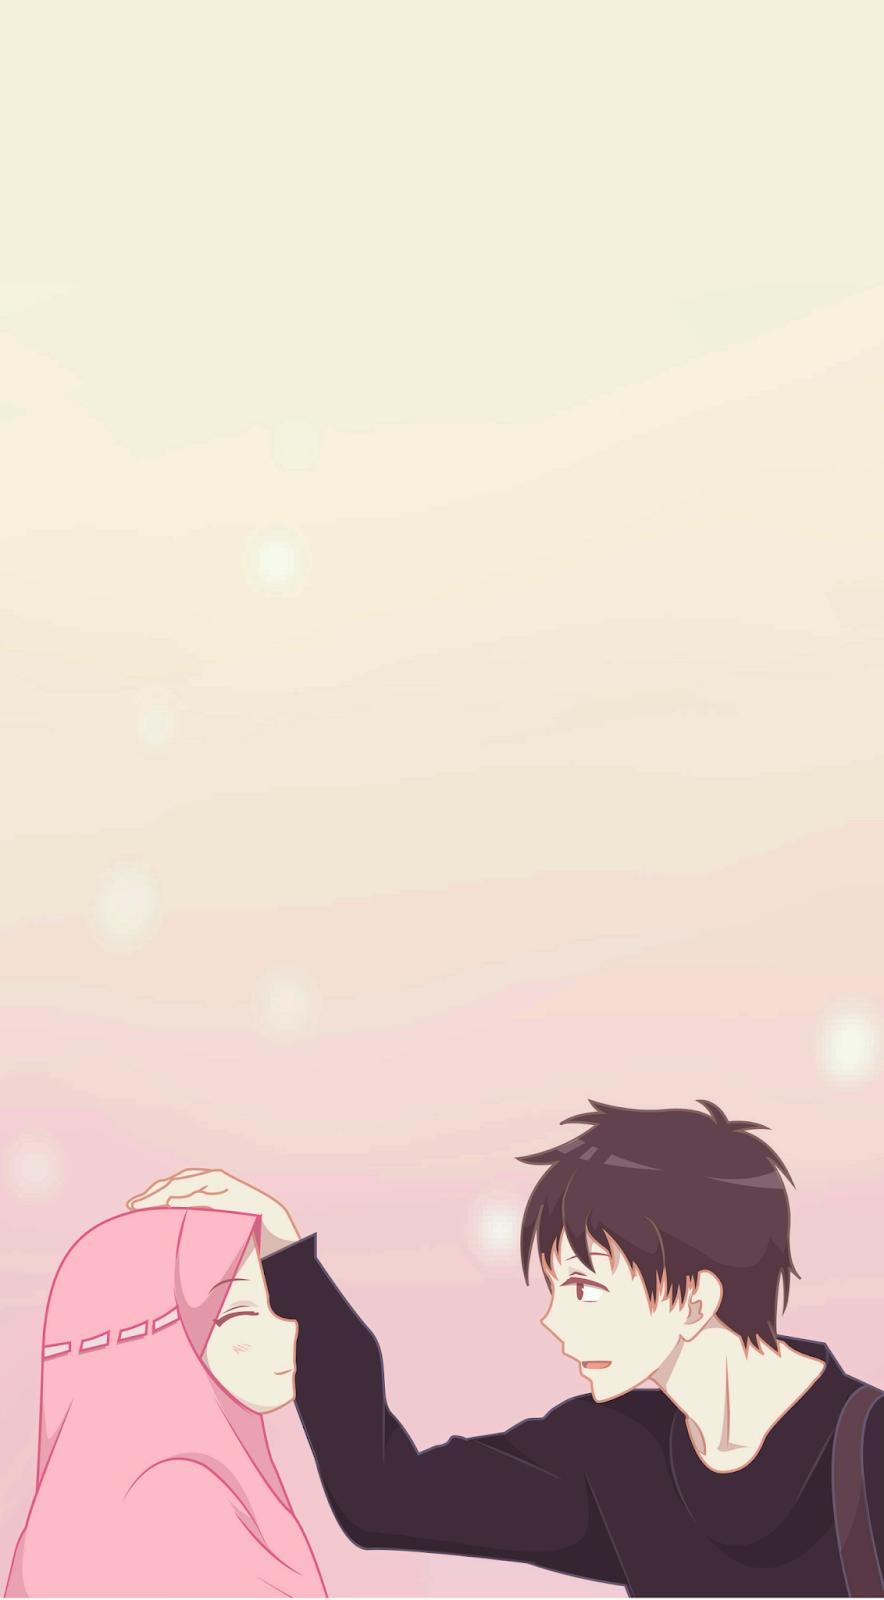 Kumpulan Anime Kartun Romantis Anyar Blog Ely Setiawan